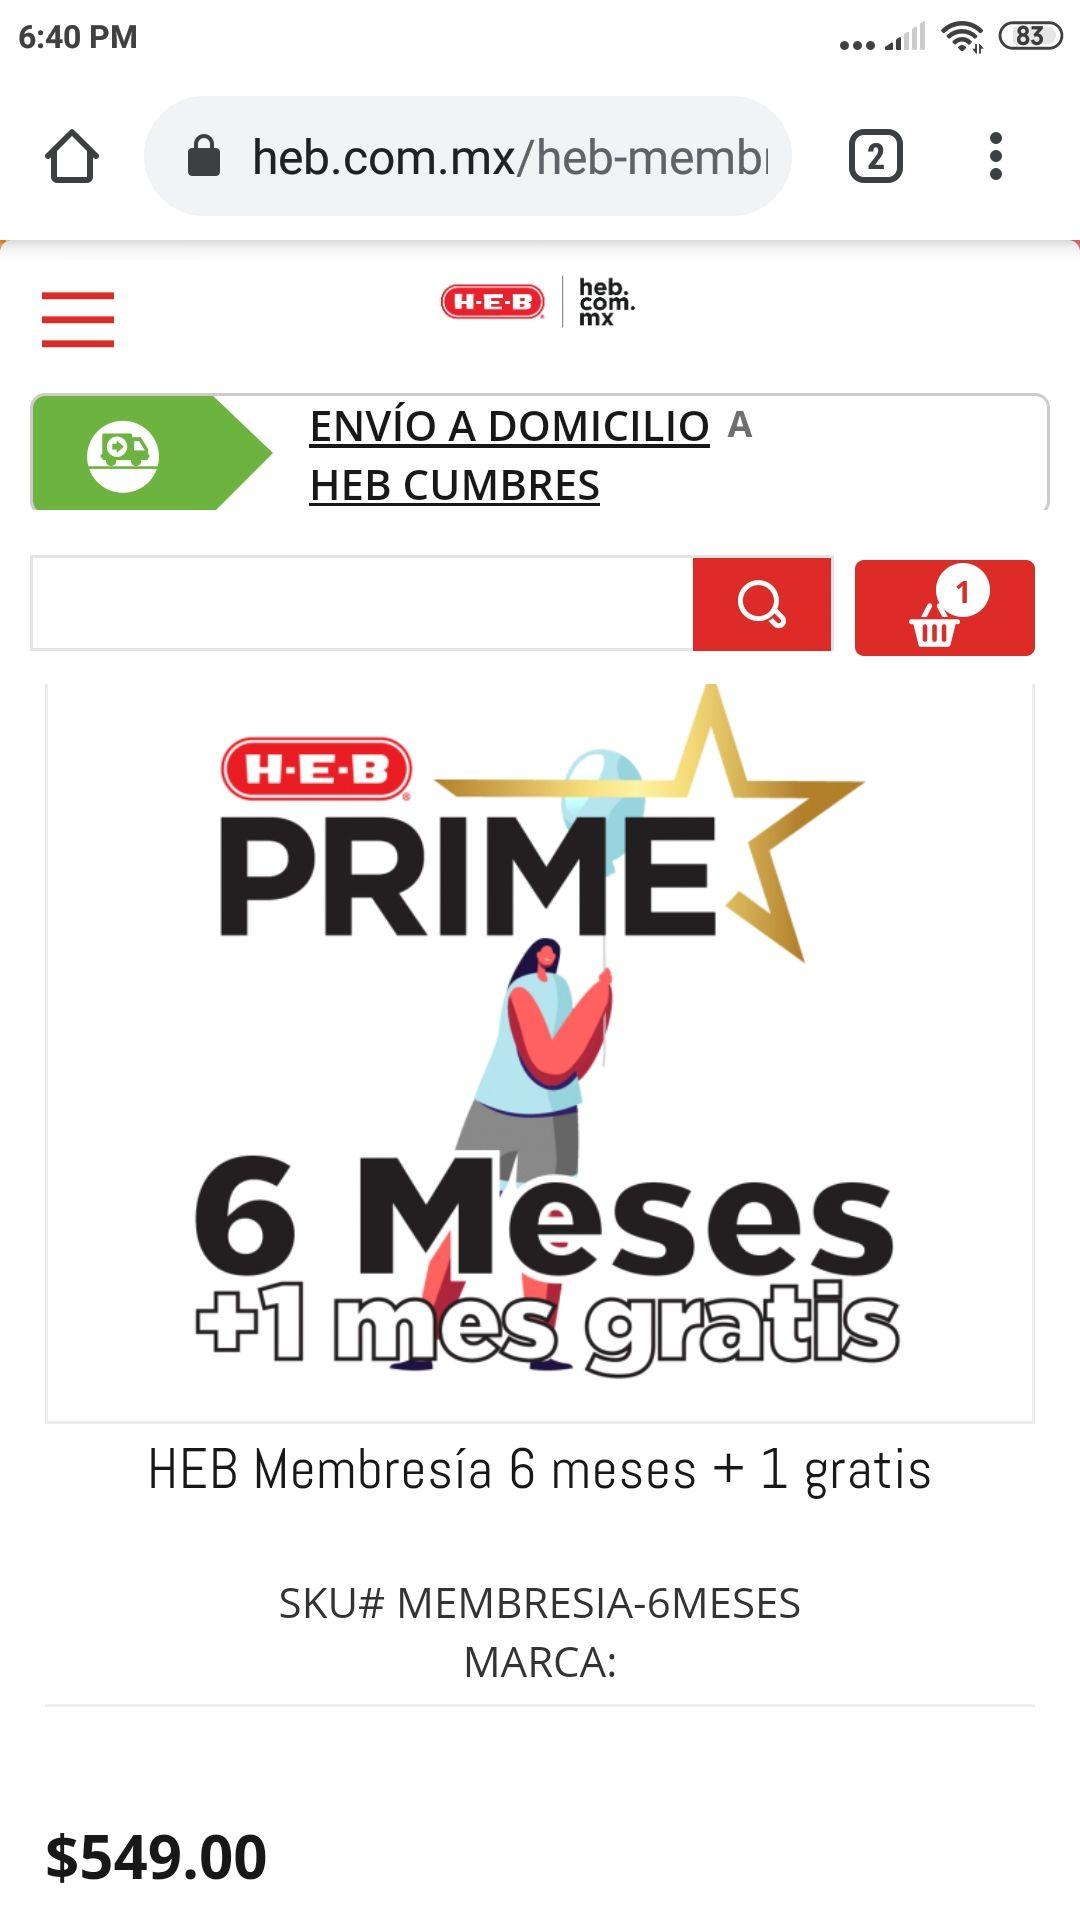 HEB: Membresias HEB prime 6+ 1 mes gratis